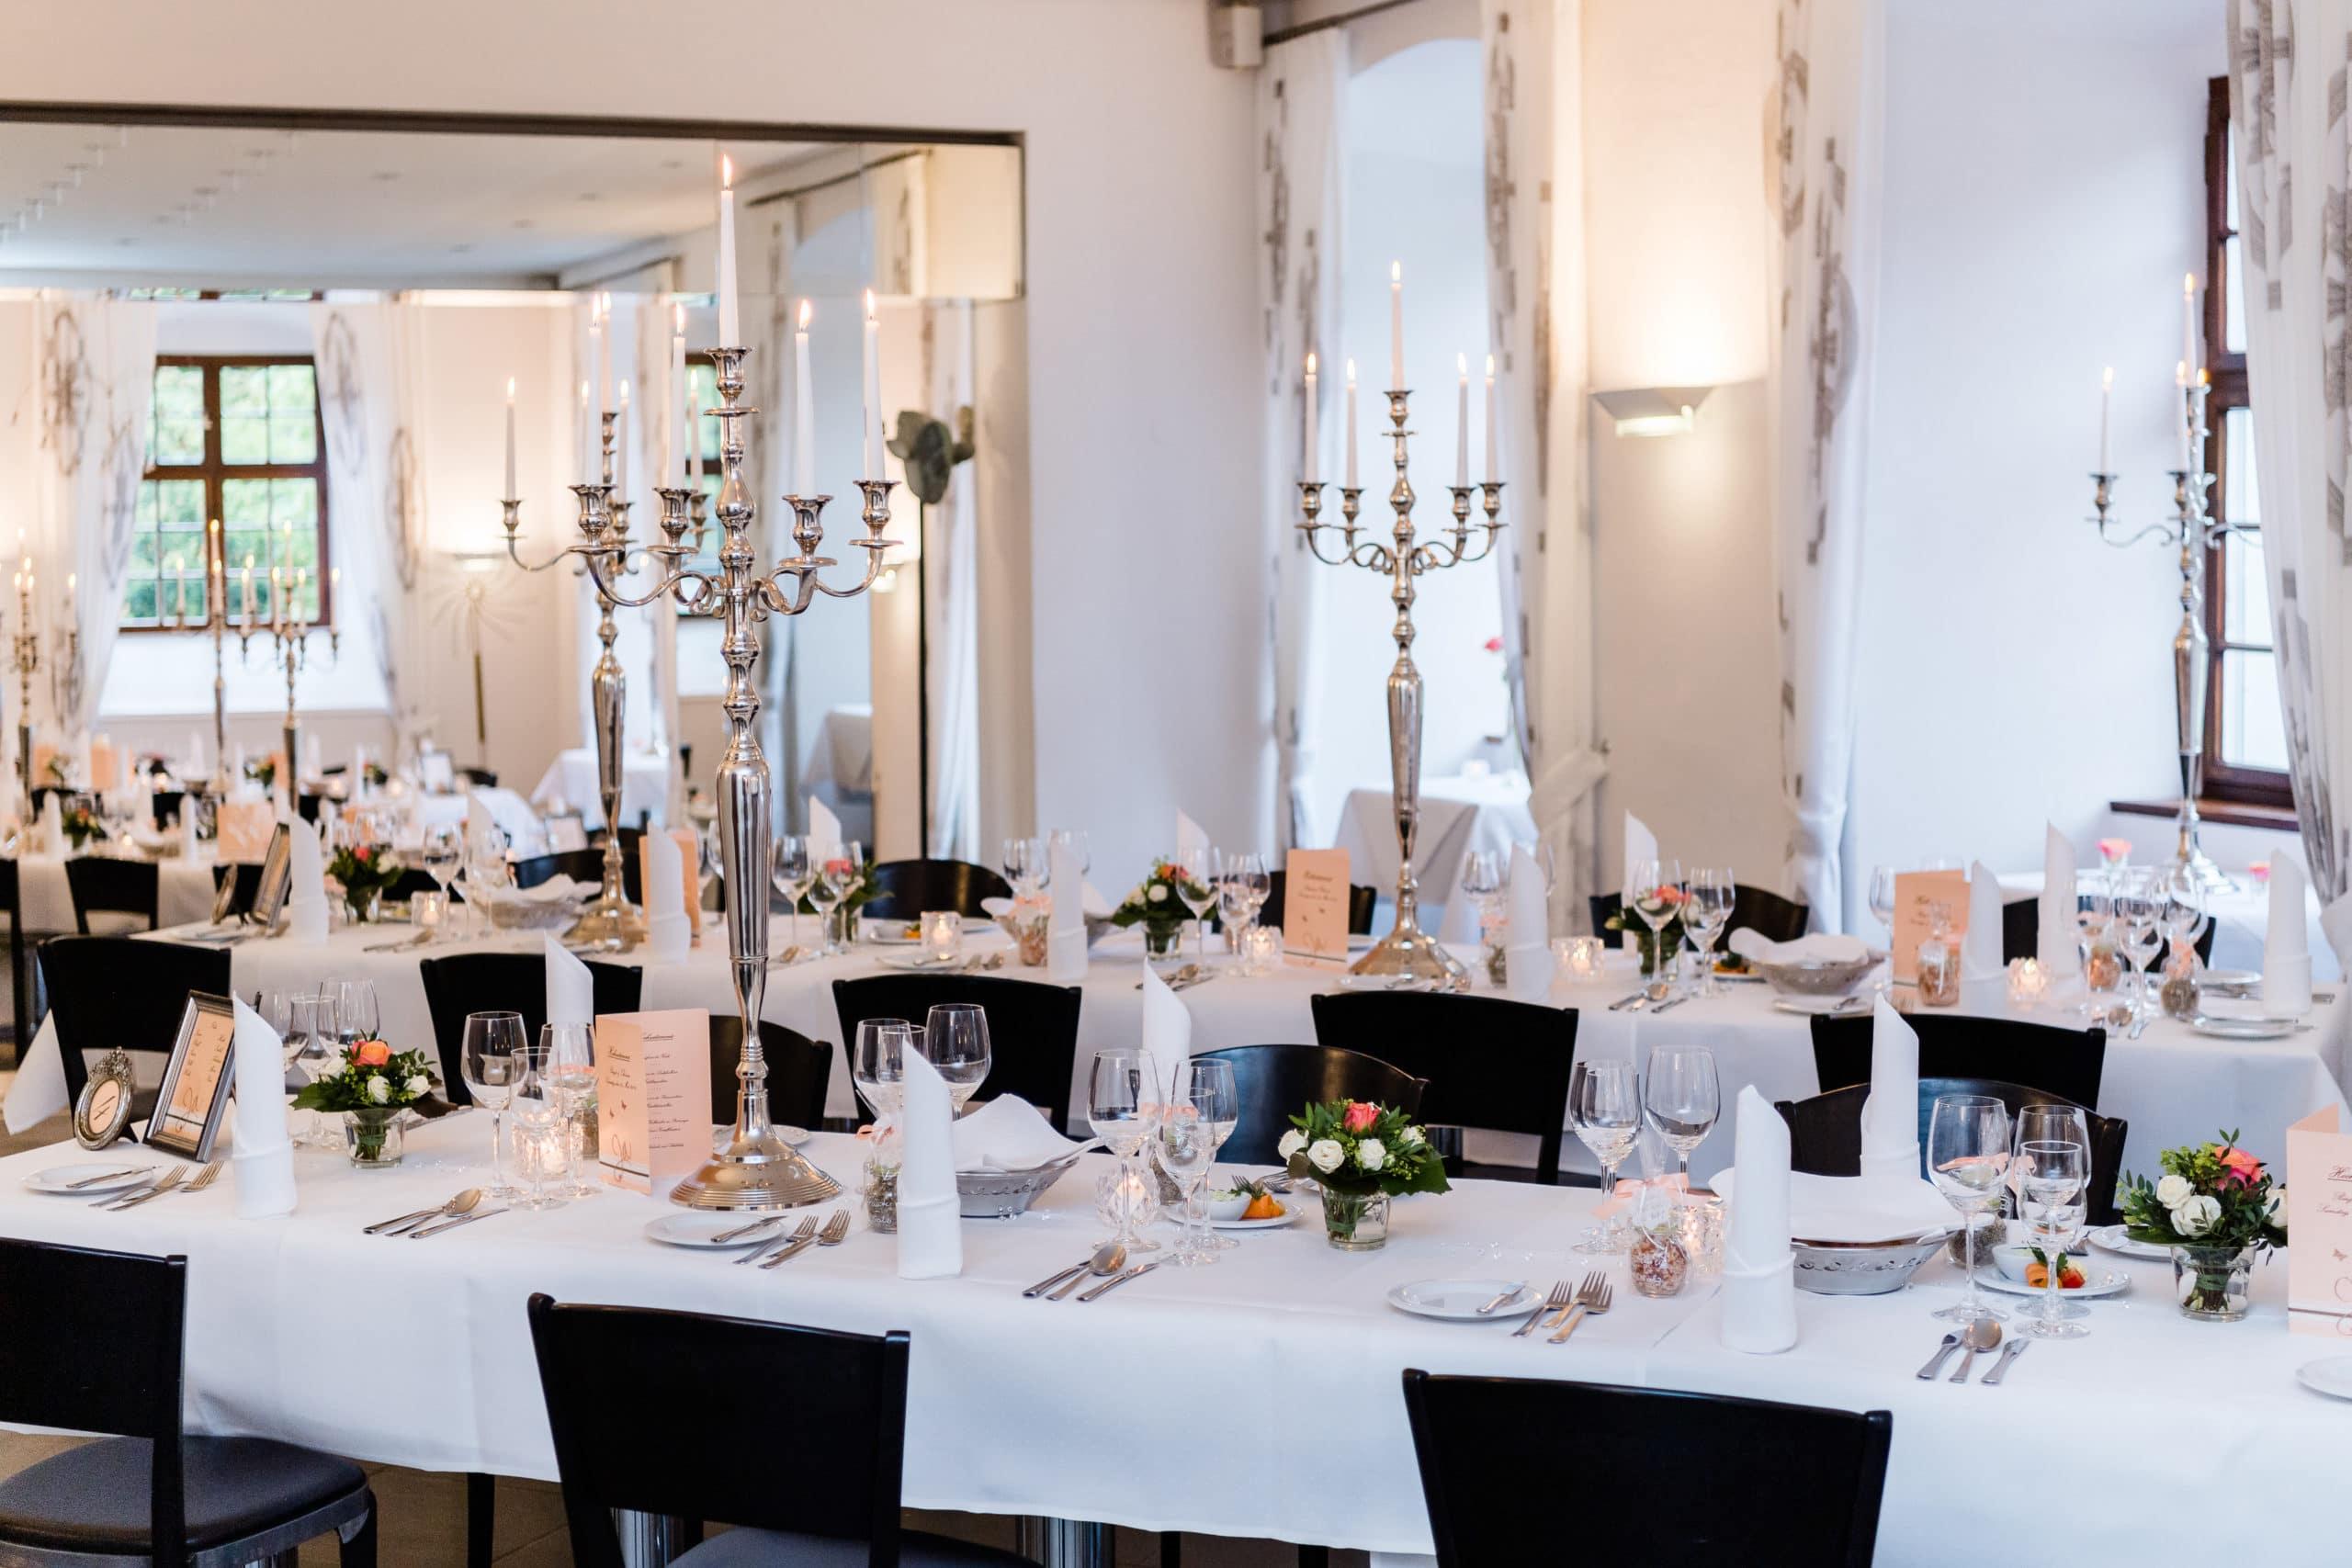 Weitere Aufnahme eines eingedeckten Saals eines luxuriösen Sterne Restaurants | Unternemensfotograf für Interieurfotografie in Osnabrück Münster Bielefeld NRW Niedersachsen und bundesweit